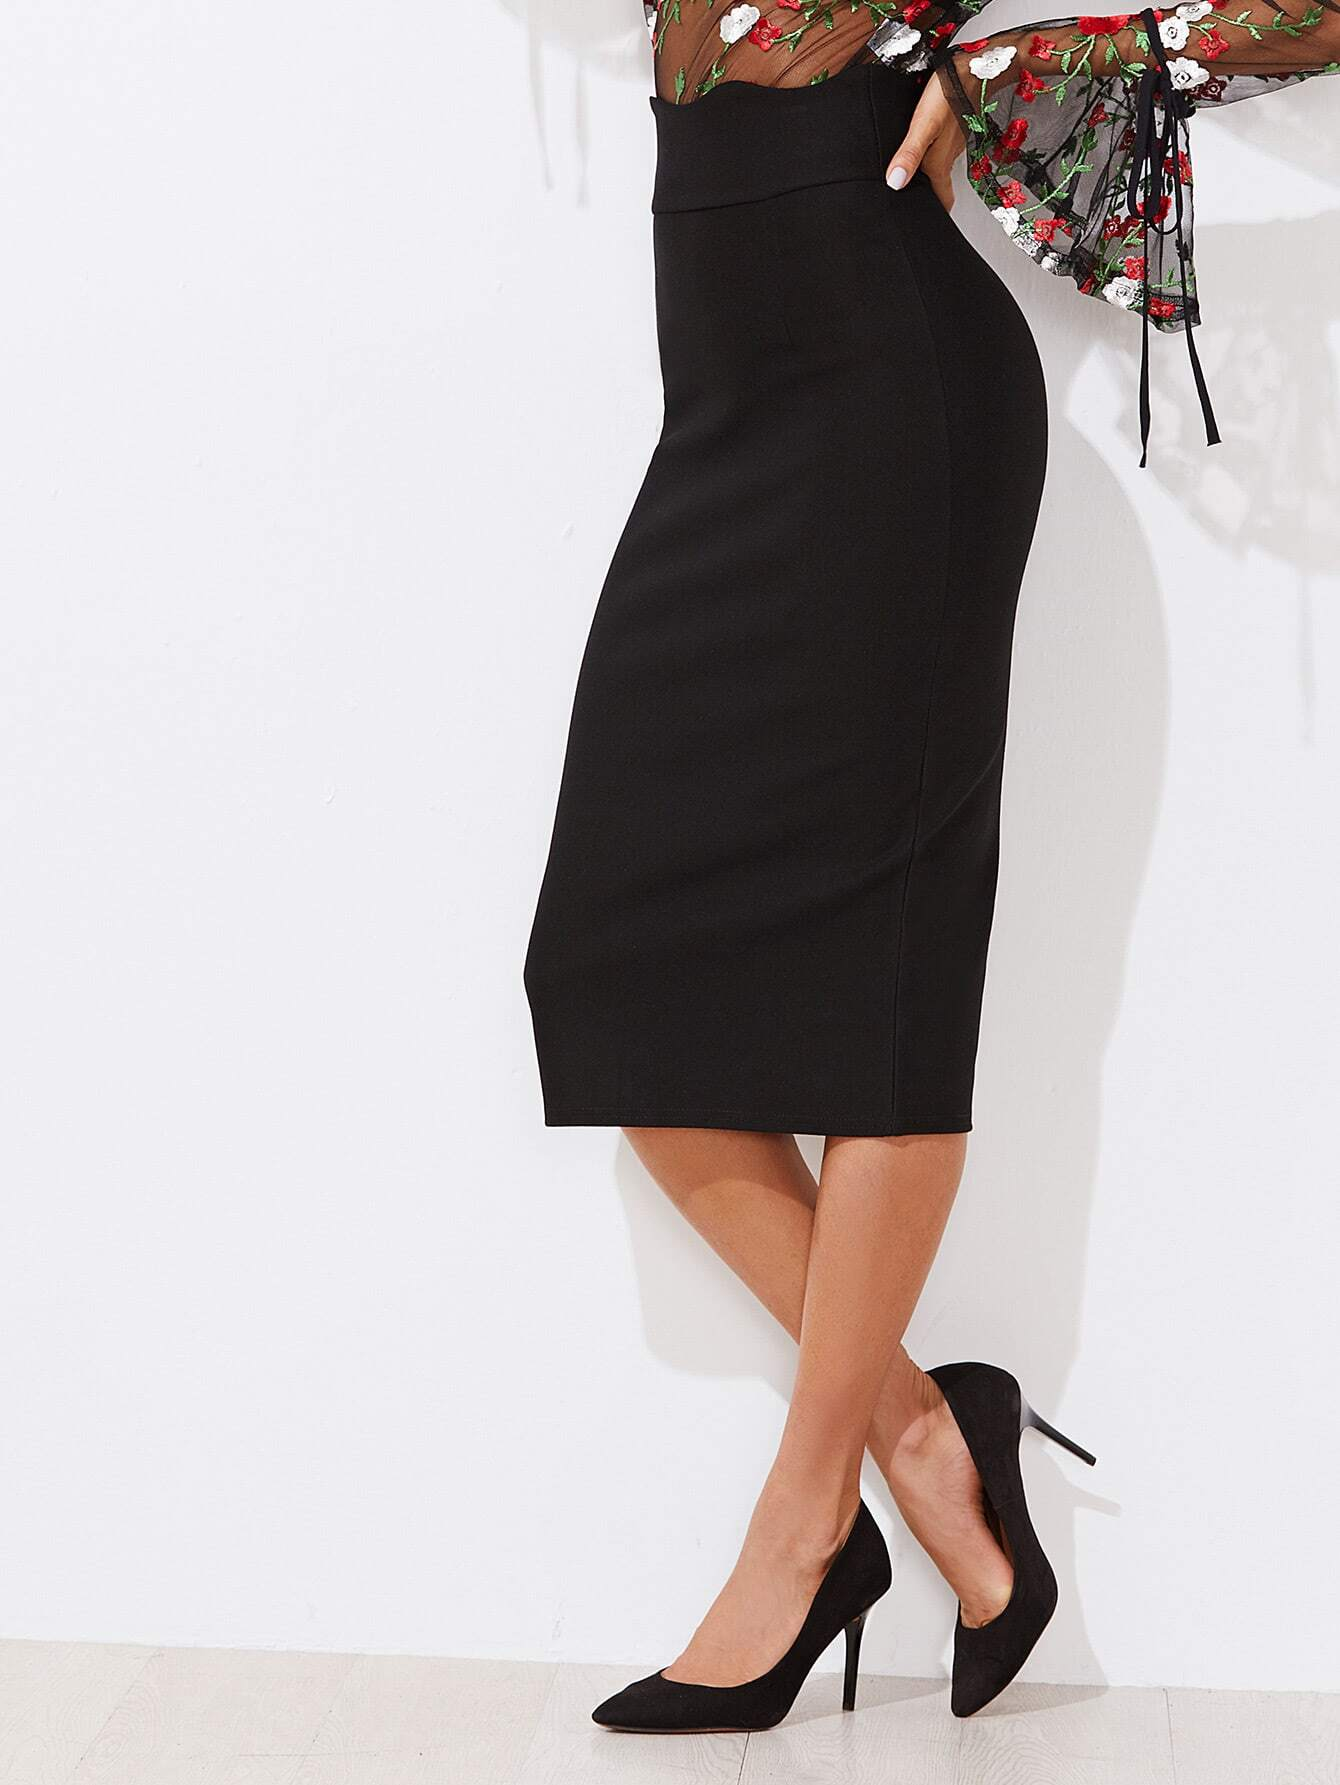 Scallop Trim High Waist Skirt